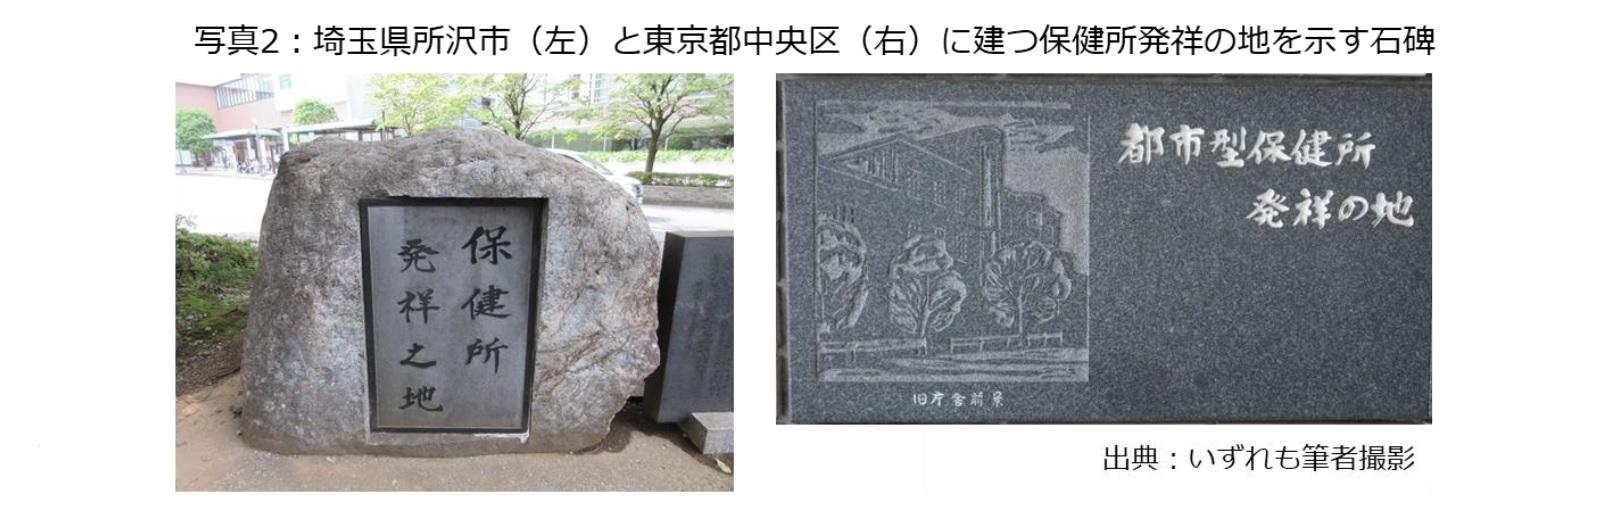 写真2:埼玉県所沢市(左)と東京都中央区(右)に建つ保健所発祥の地を示す石碑